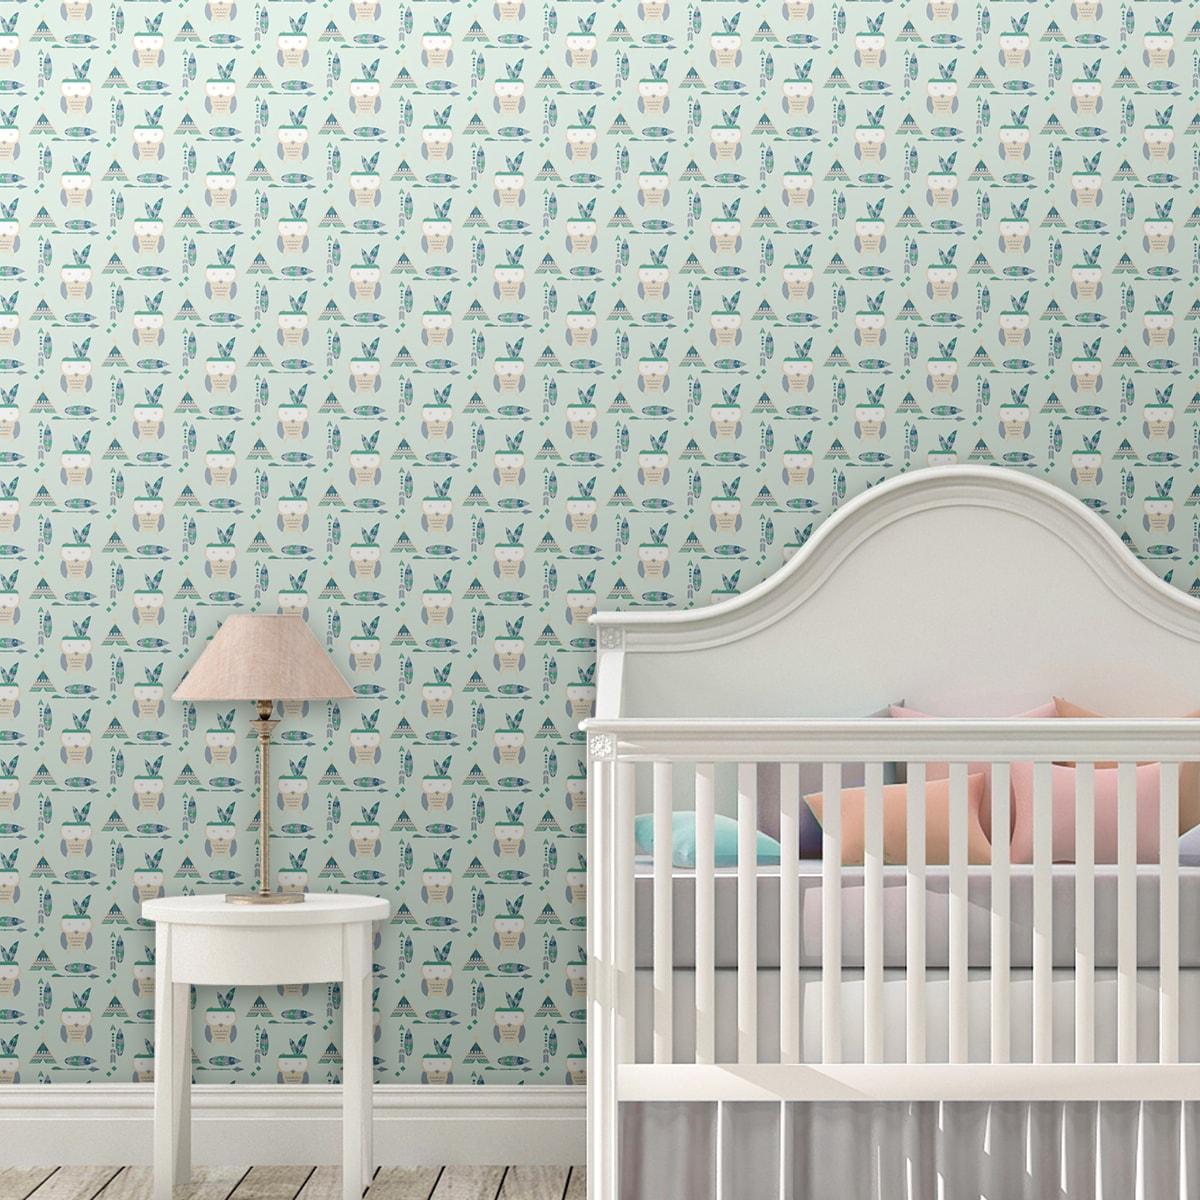 Wandtapete grün: Schöne Kindertapete Indianer Eulen mit Federn in mint, Design Tapete für Babyzimmer